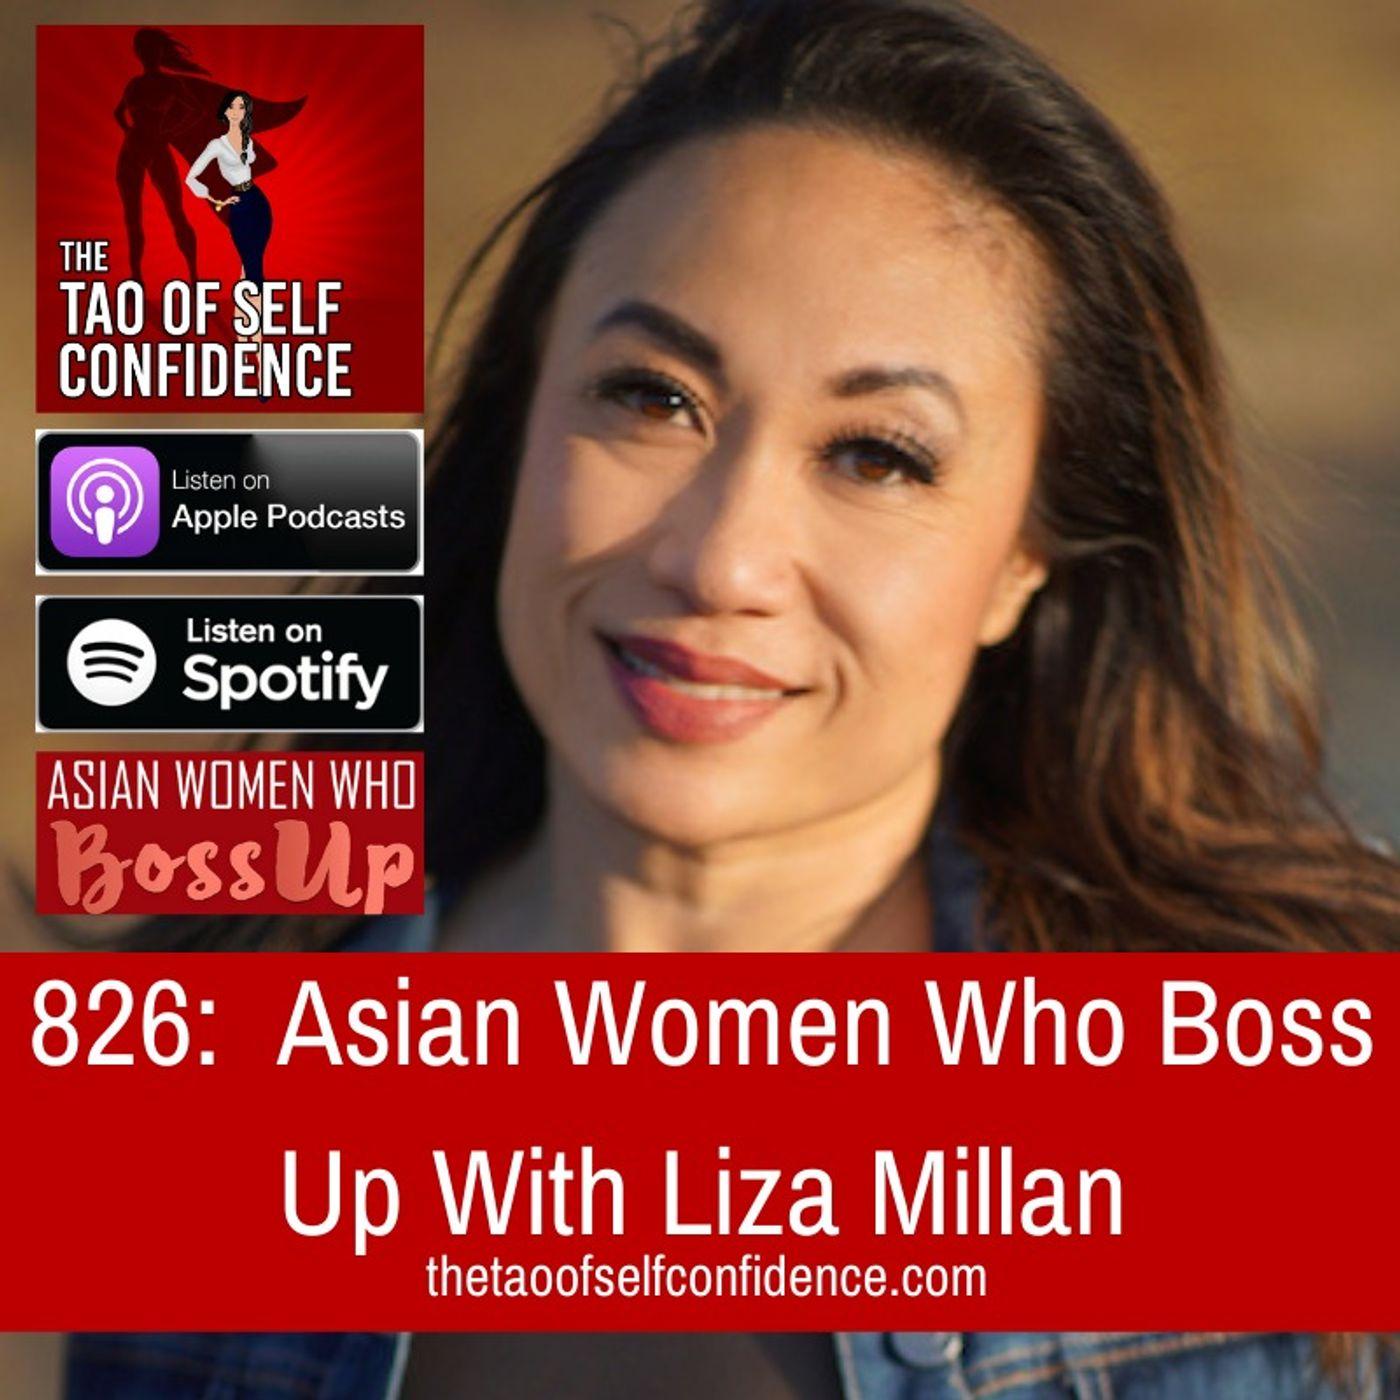 826:  Asian Women Who Boss Up With Liza Millan